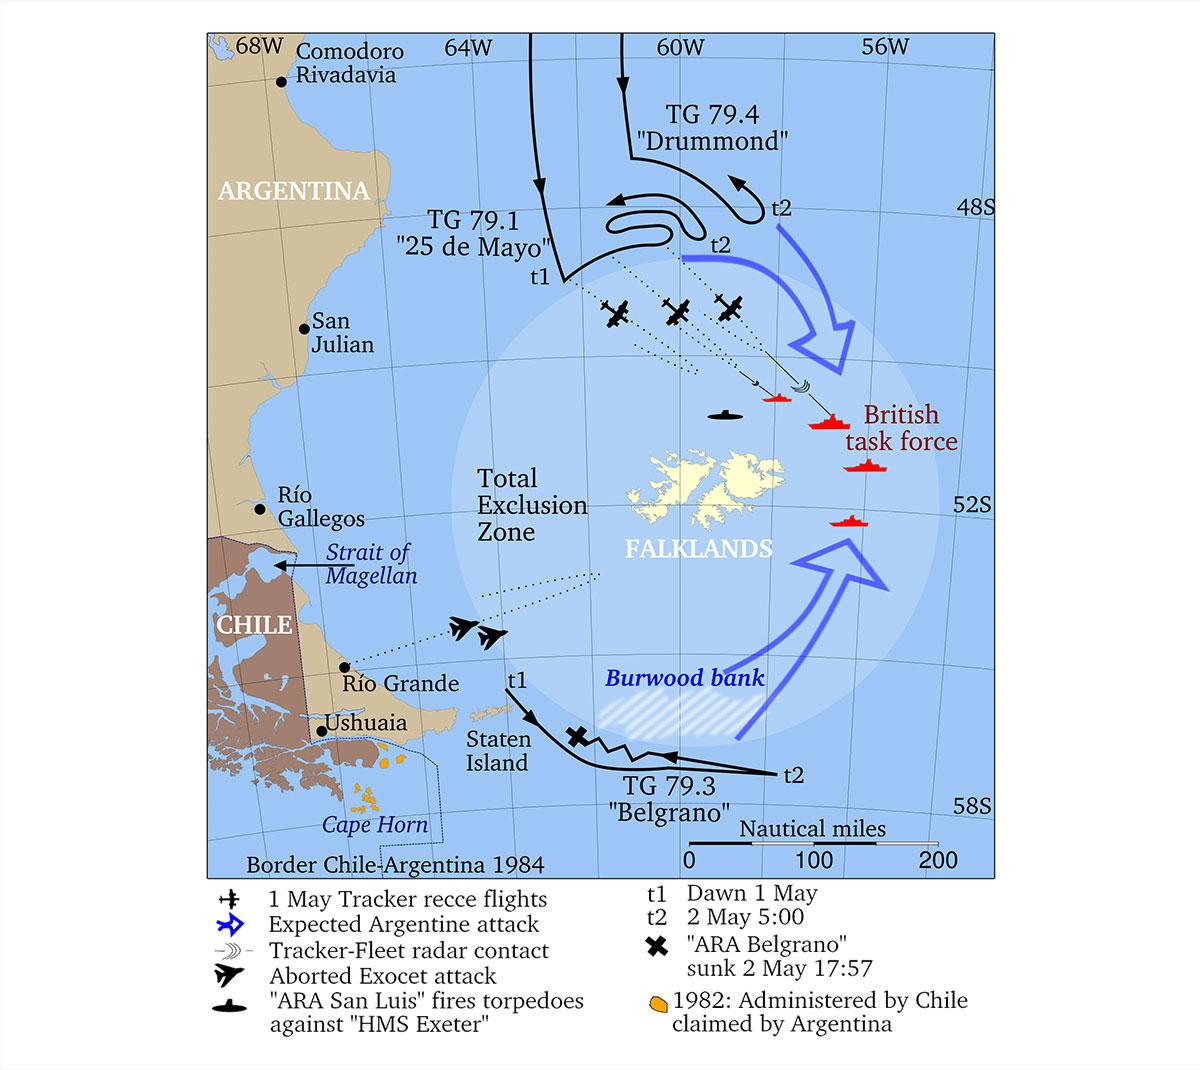 Guerra delle Falkland: inizio maggio 1982. Dispiegamento delle forze aeronavali